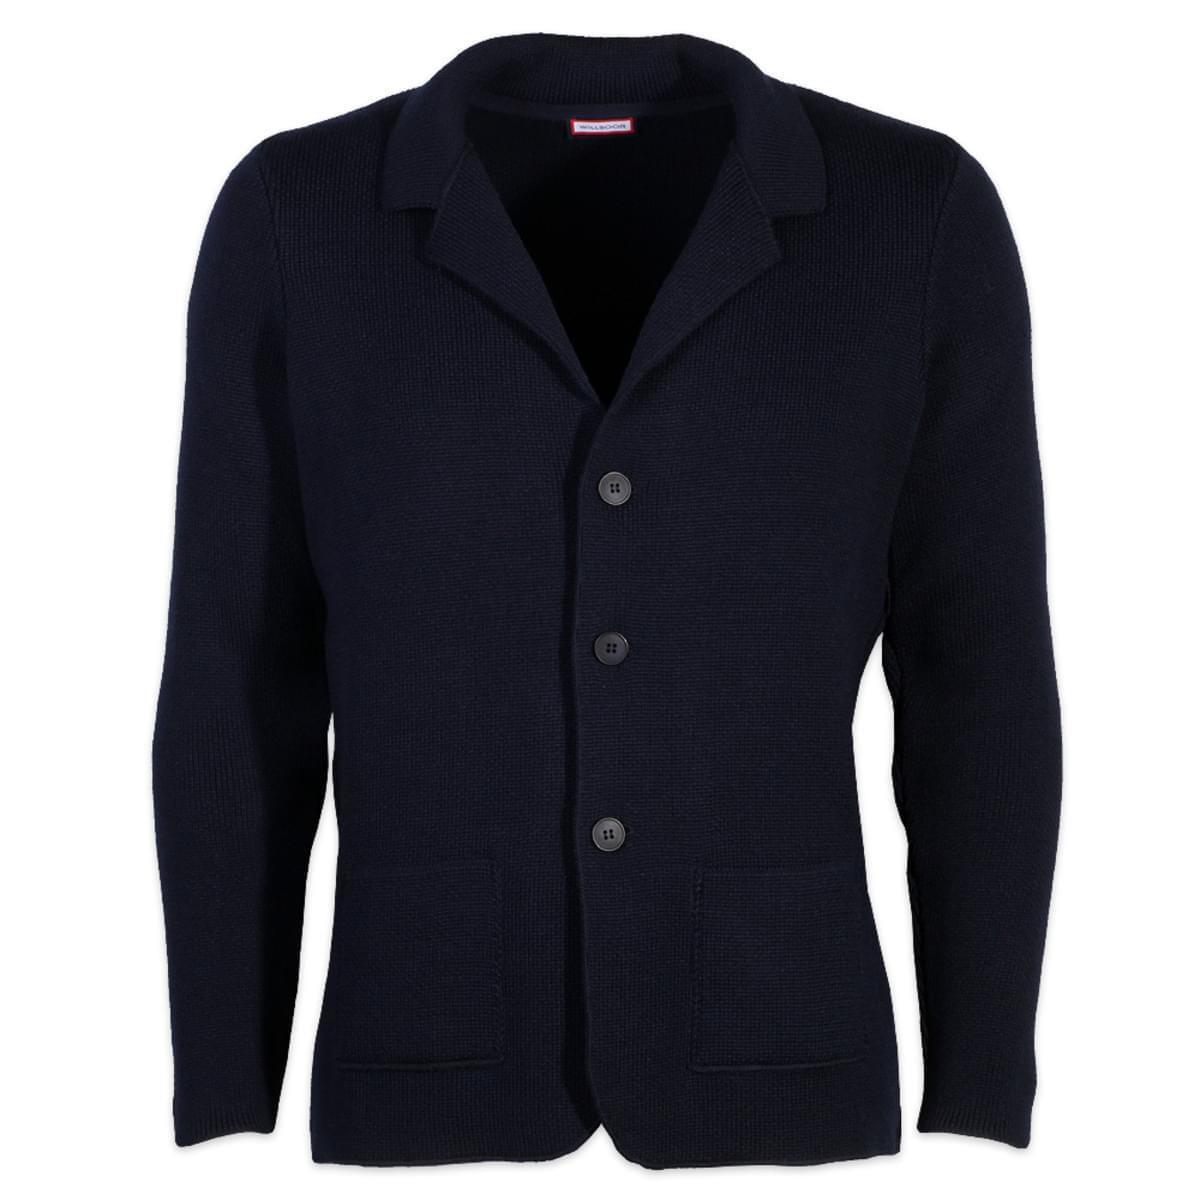 Pánský svetr Willsoor 6025 na knoflíky ve tmavě modré barvě XXL